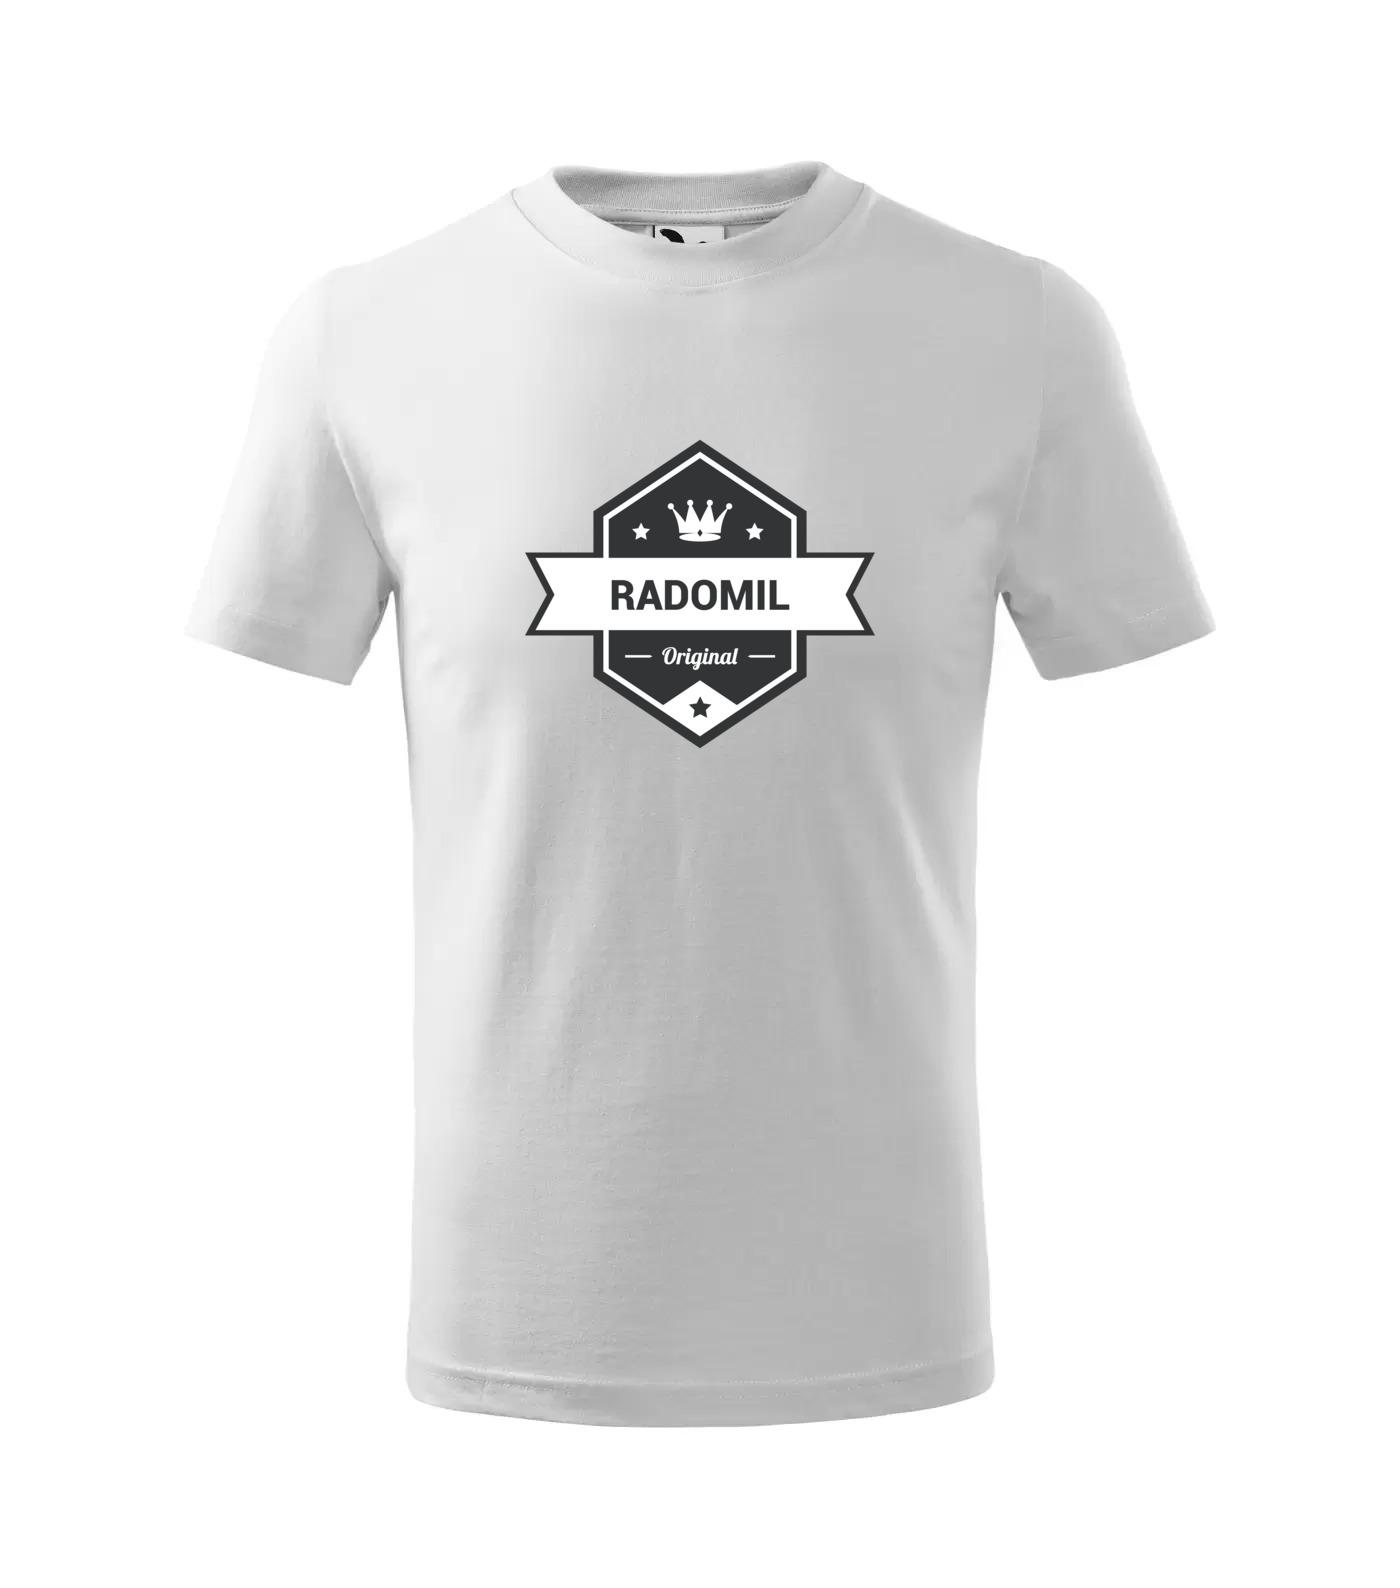 Tričko King Radomil